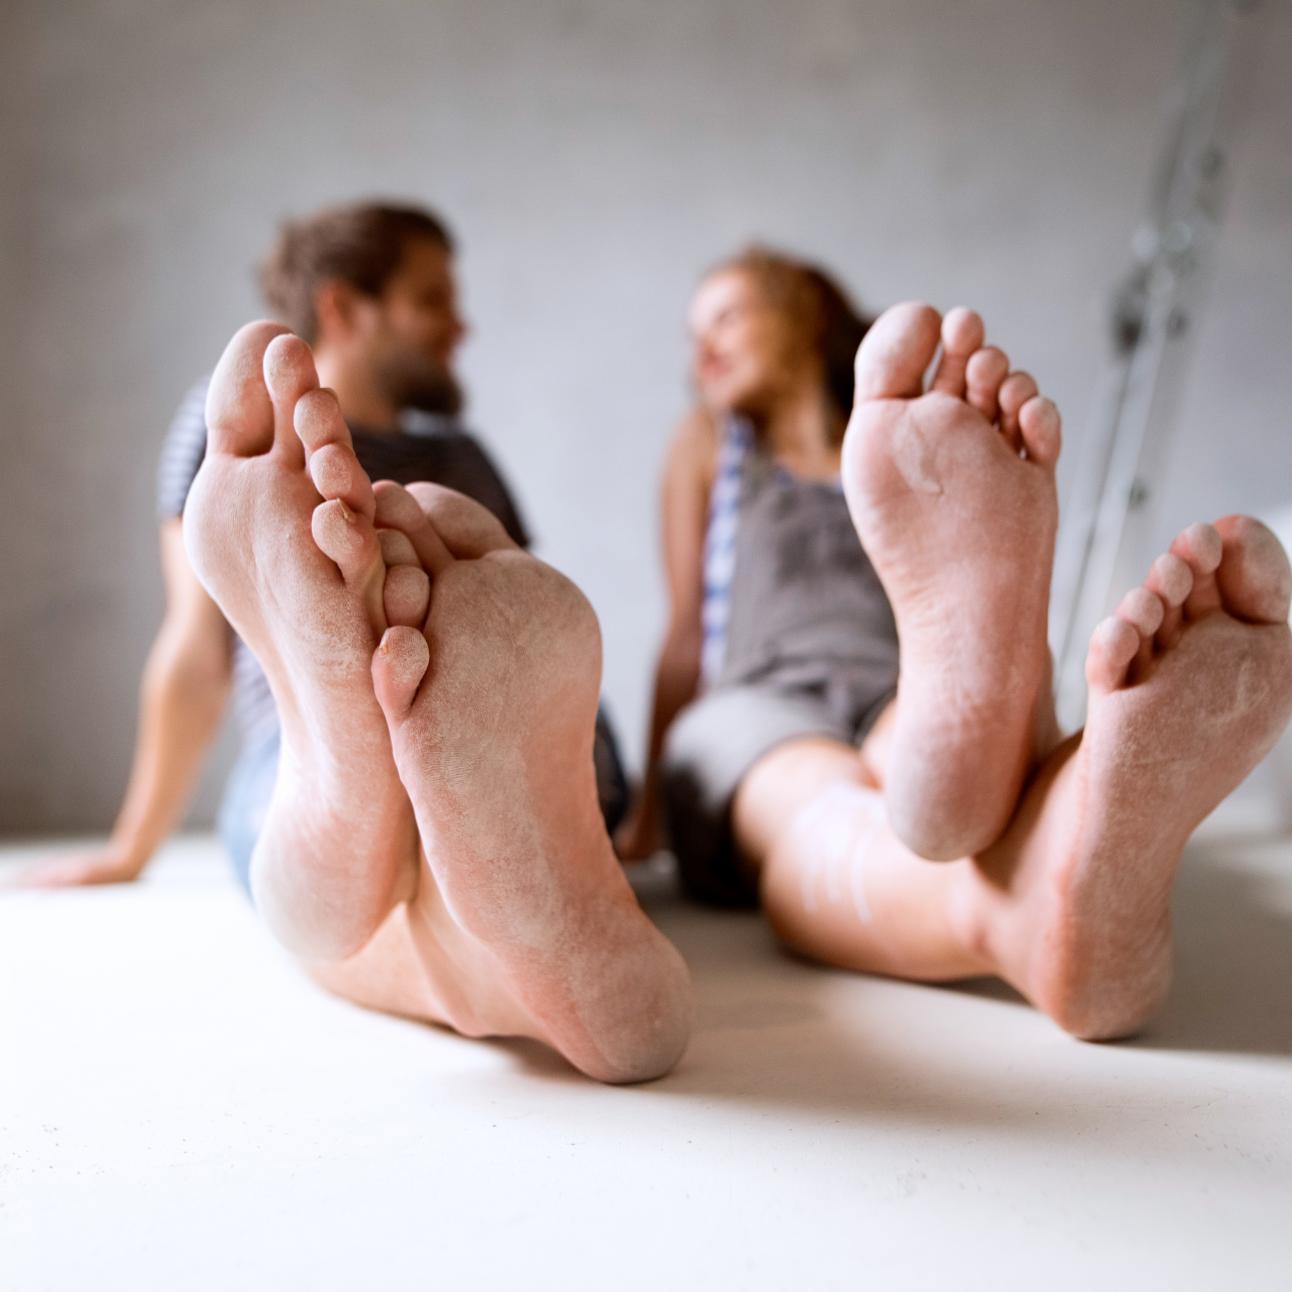 Homem e mulher sentados no chão com os pés descalços e empoeirados